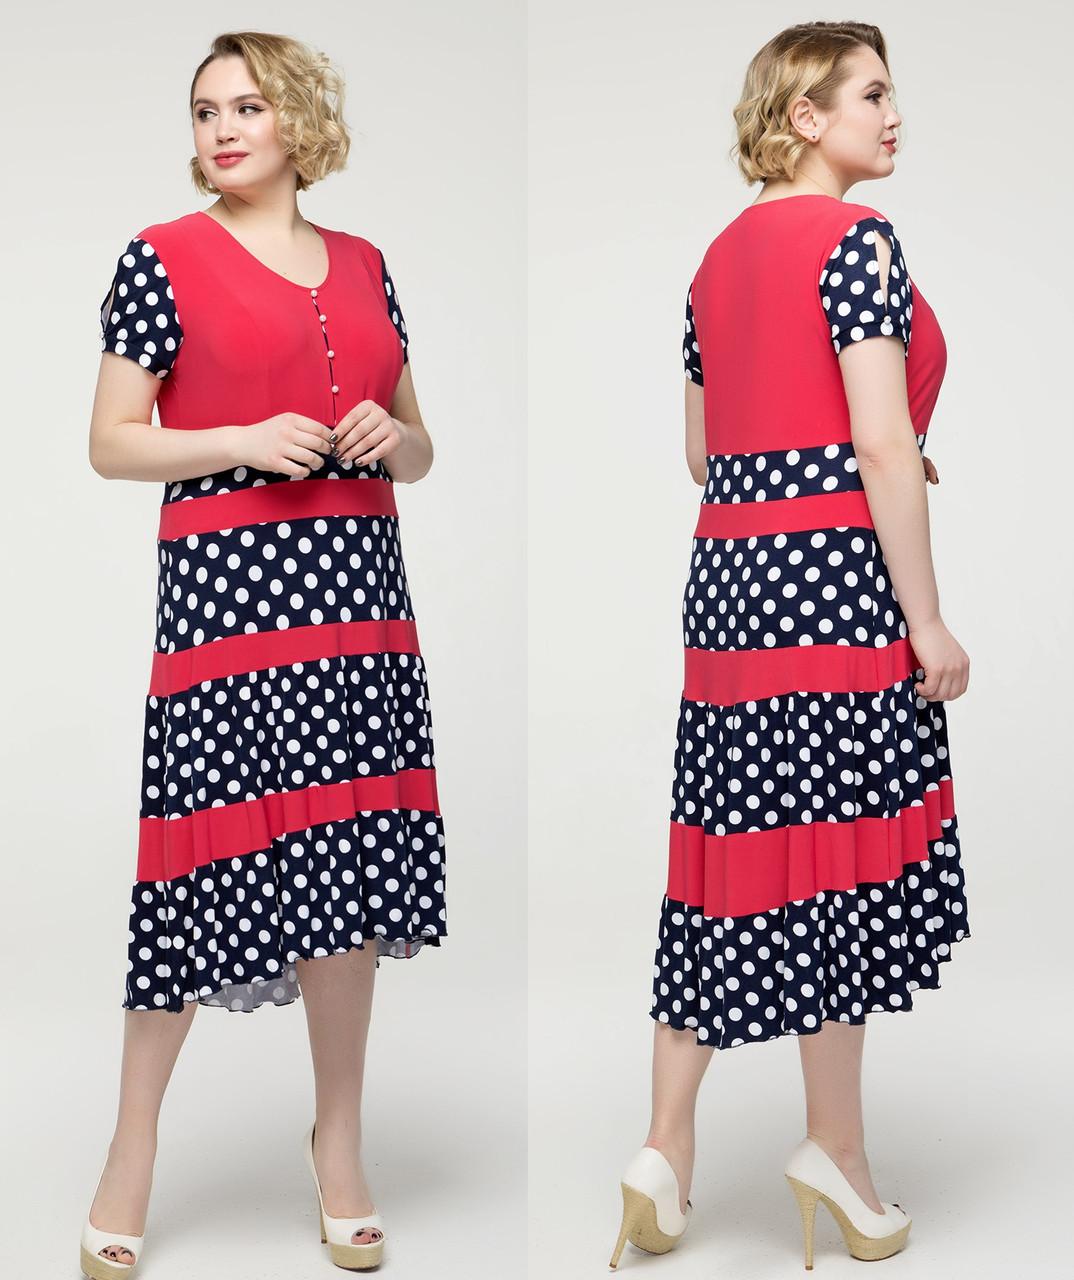 782e3002f17 Длинное платье больших размеров летнее женское батальное трикотаж масло в  горошек